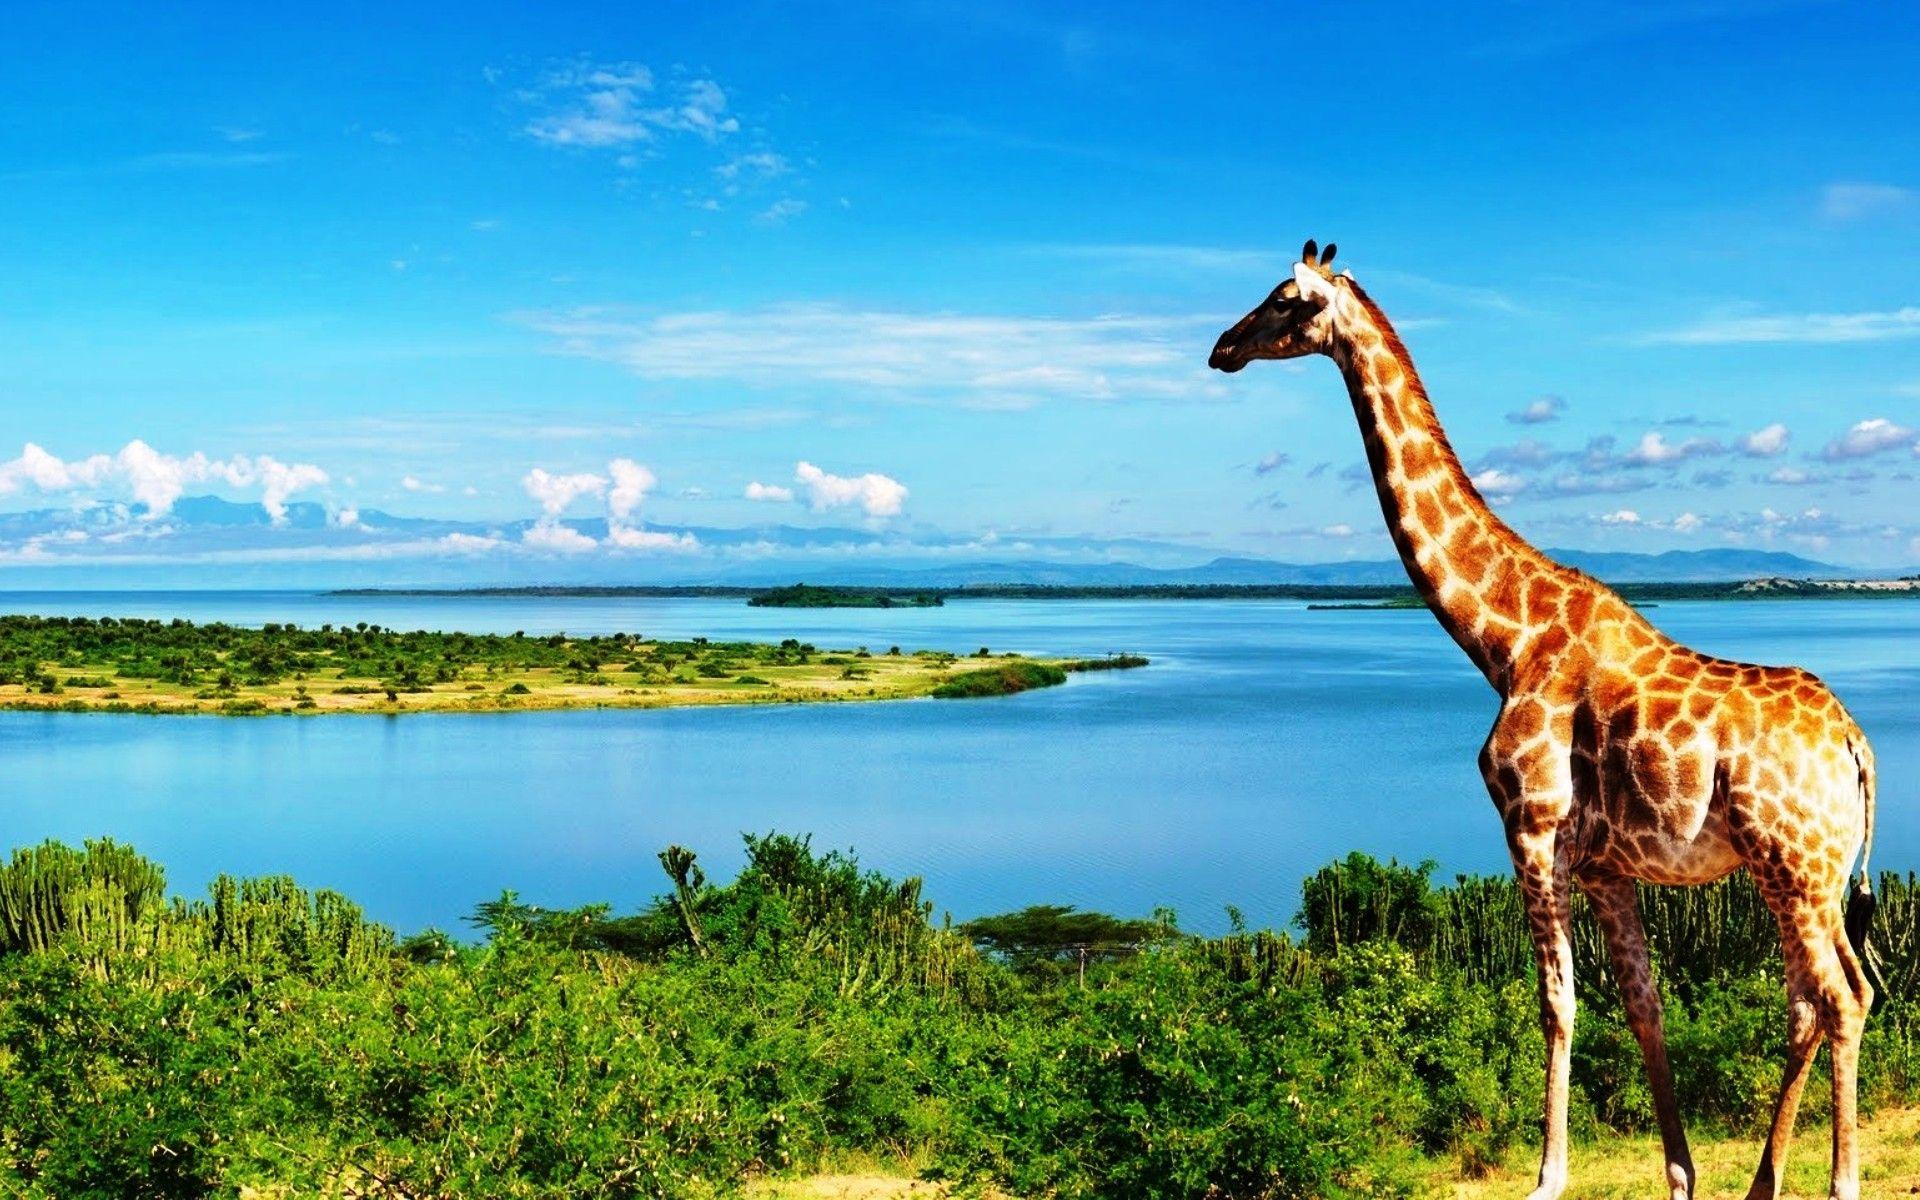 Картинка с жирафом в воде, добрым утром отпускница